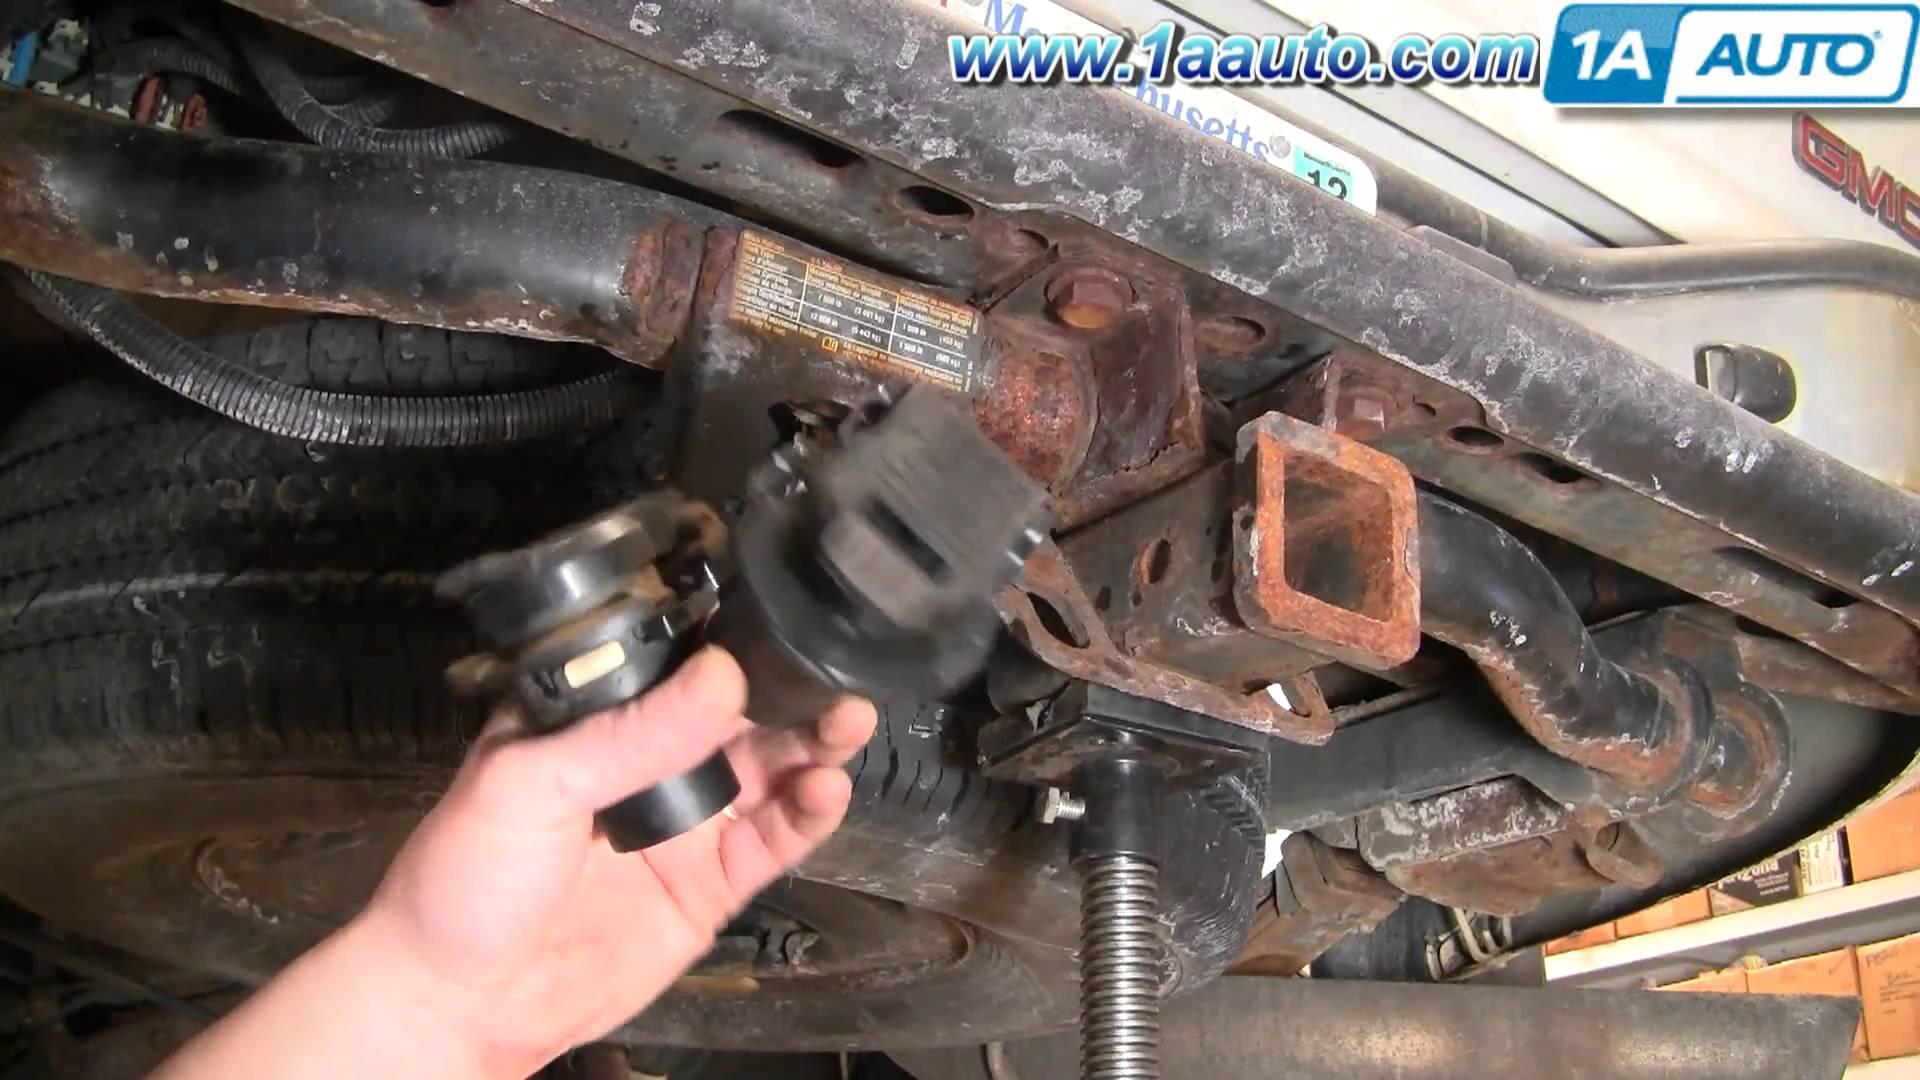 Chevy Silverado 7 Plug Trailer Wiring Diagram | Wiring Diagram - 2002 Chevy Silverado Trailer Wiring Diagram